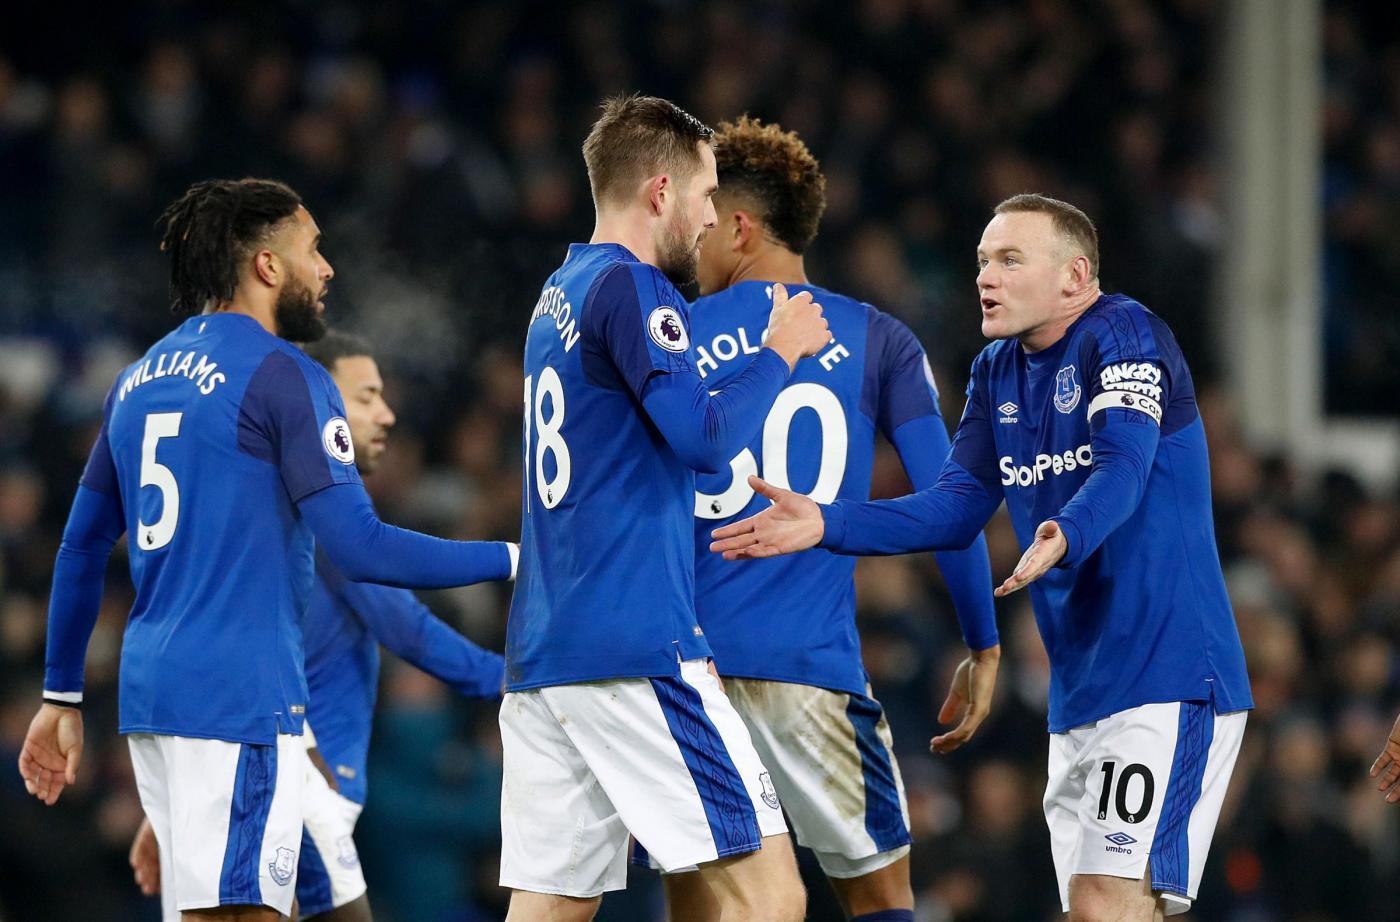 Premier League, Manchester Utd-Everton 28 ottobre: analisi e pronostico della giornata della massima divisione calcistica inglese